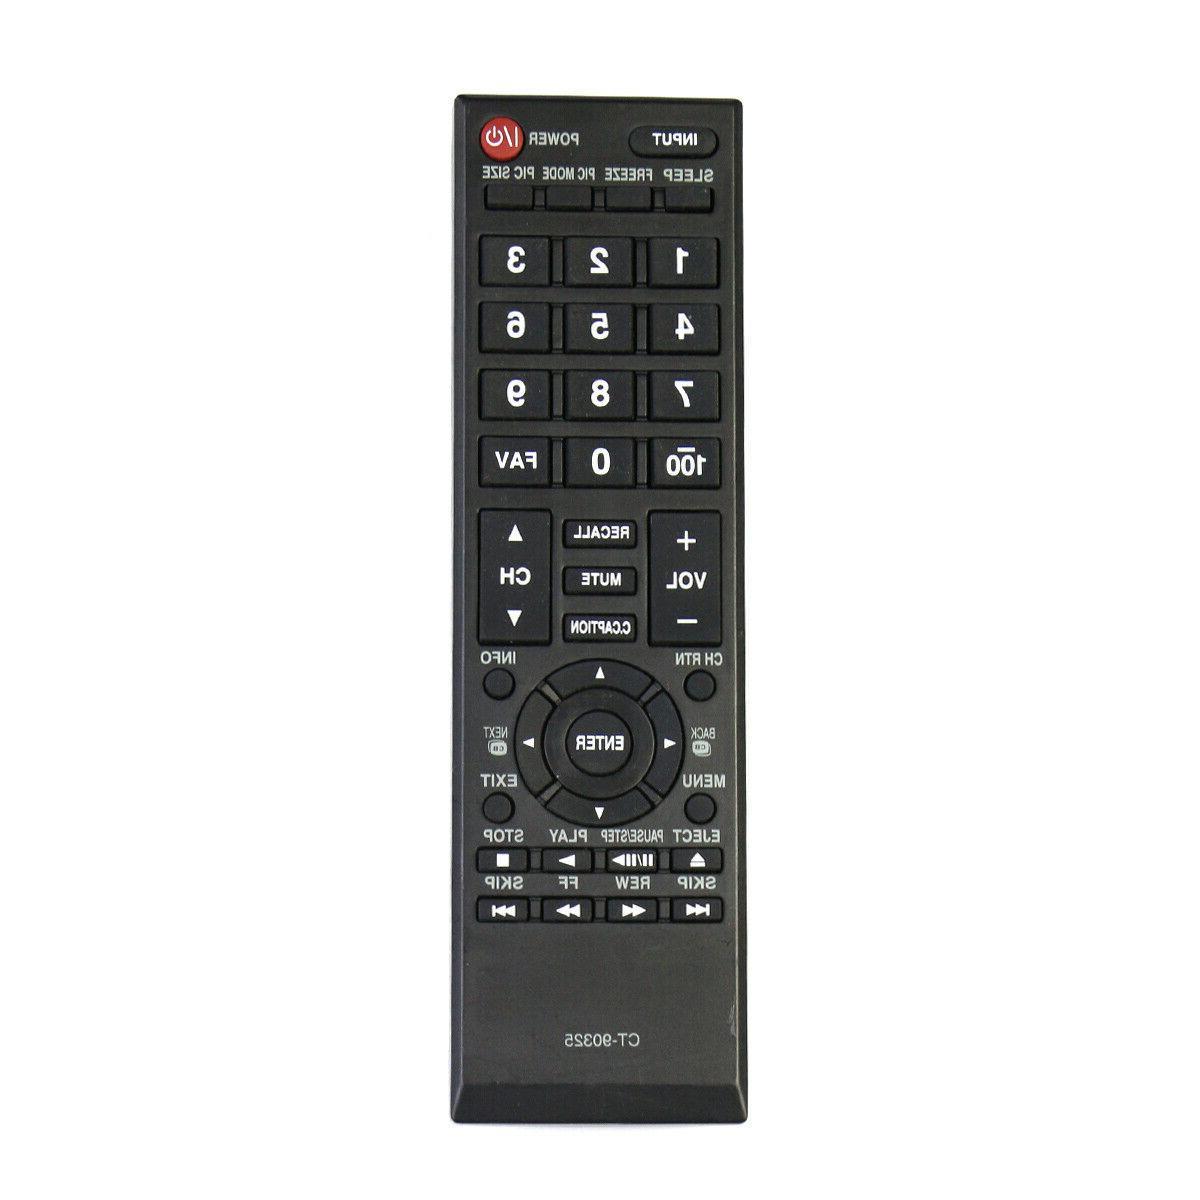 New CT-90325 Remote for Toshiba TV 40L5200U 32C120U 40L1400U